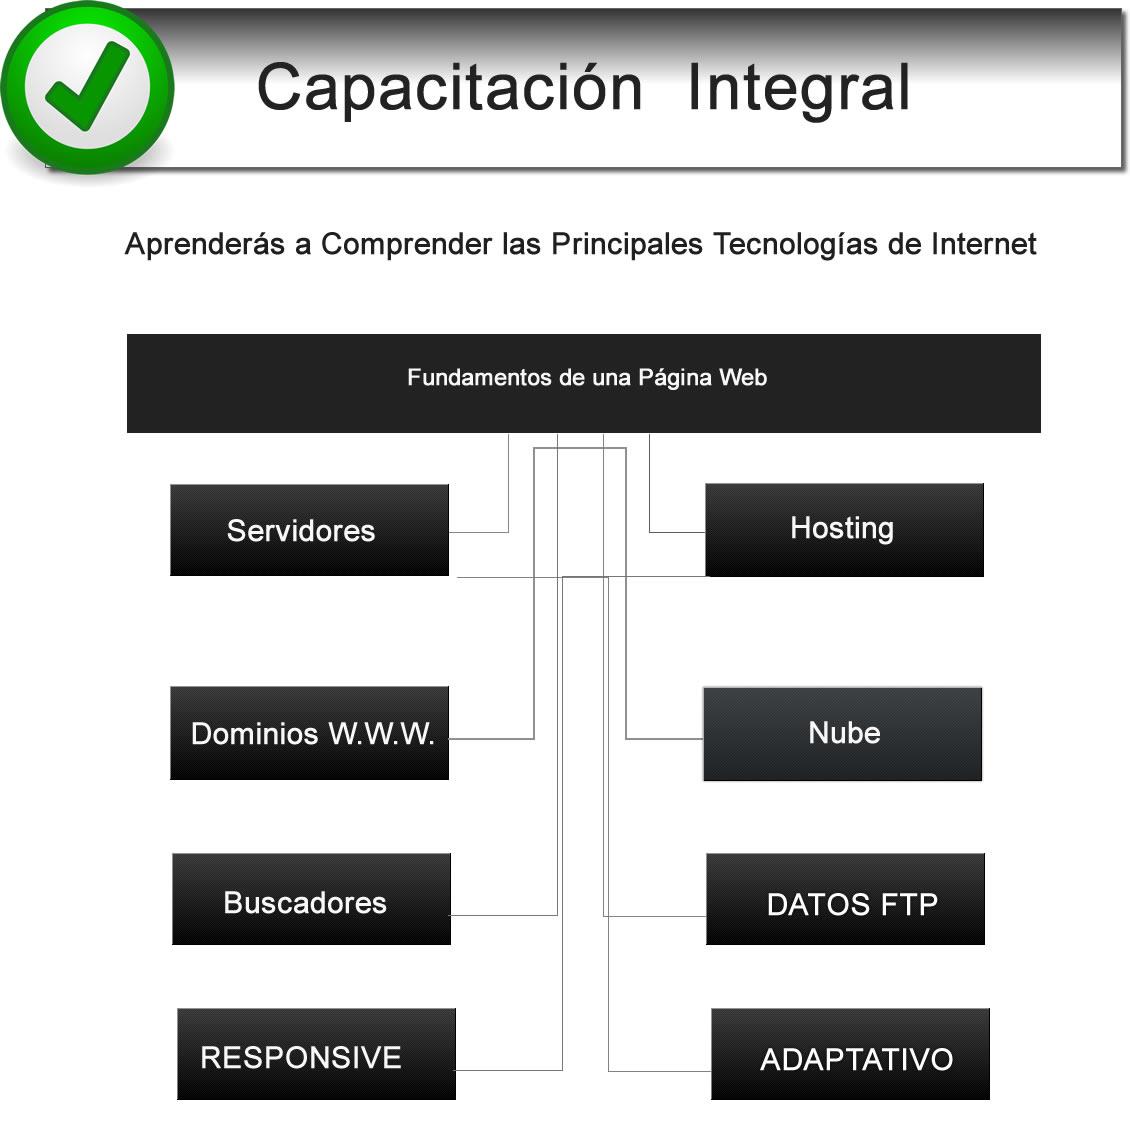 CARRERA DE TECNOLOGIA WEB DIGITAL EN BUENOS AIRES - AREAS DE TRABAJO ...